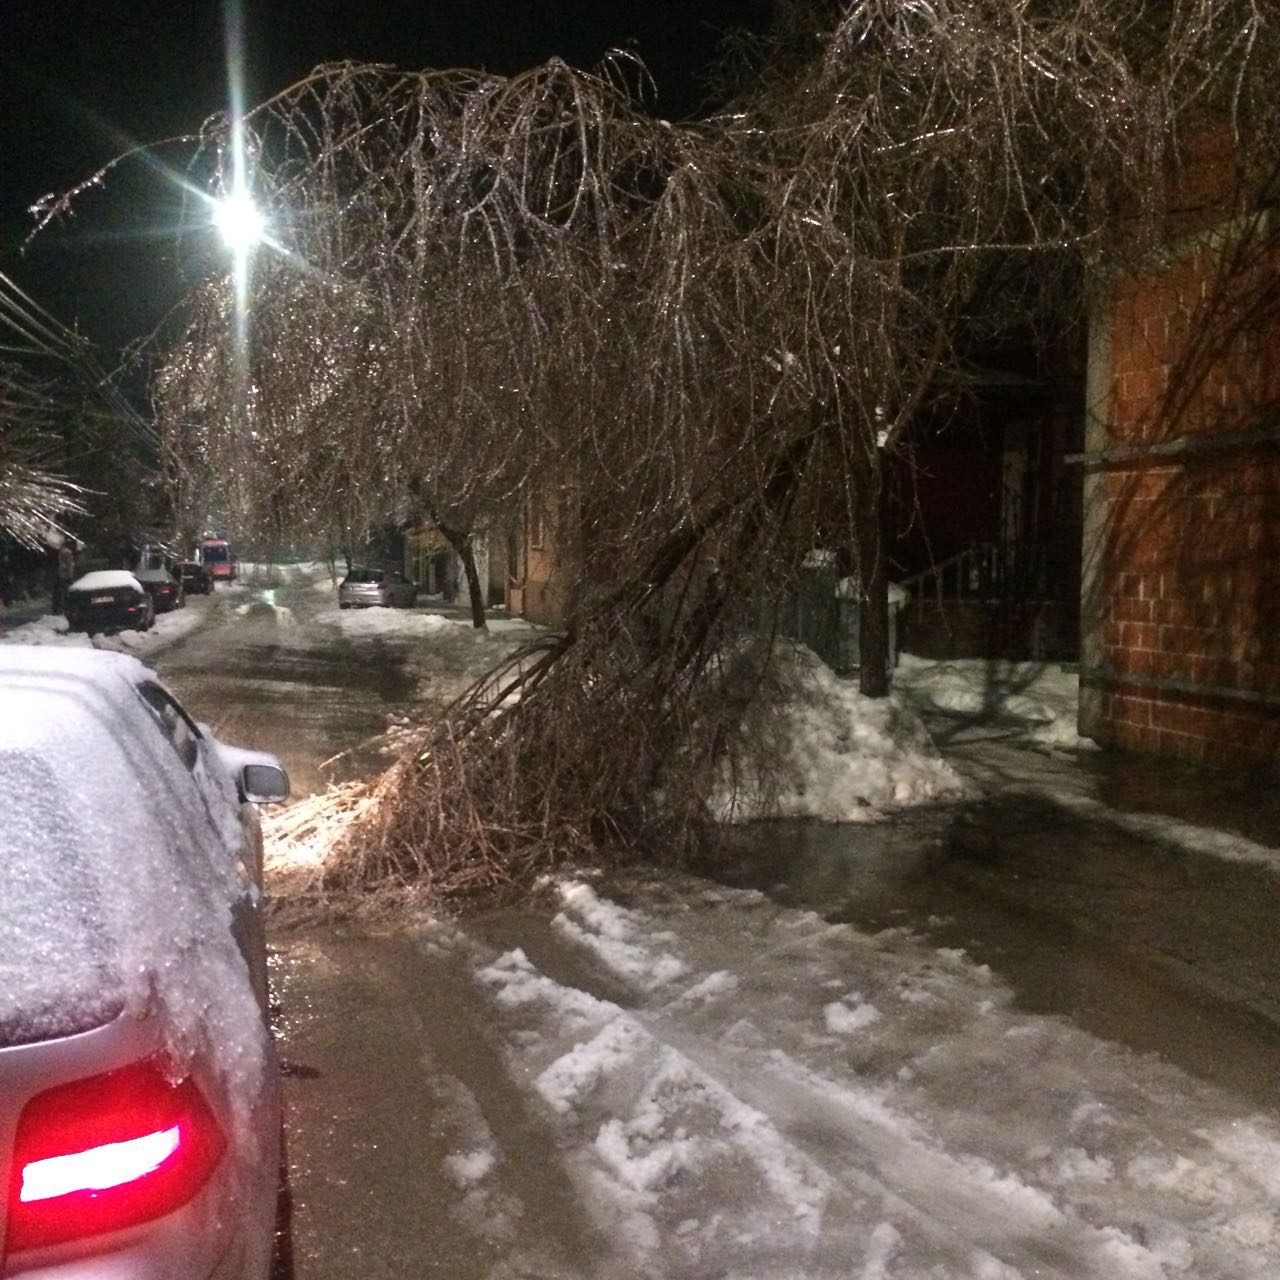 OPREZ! Od težine leda puklo drvo u Hadžićevoj ulici (FOTO)